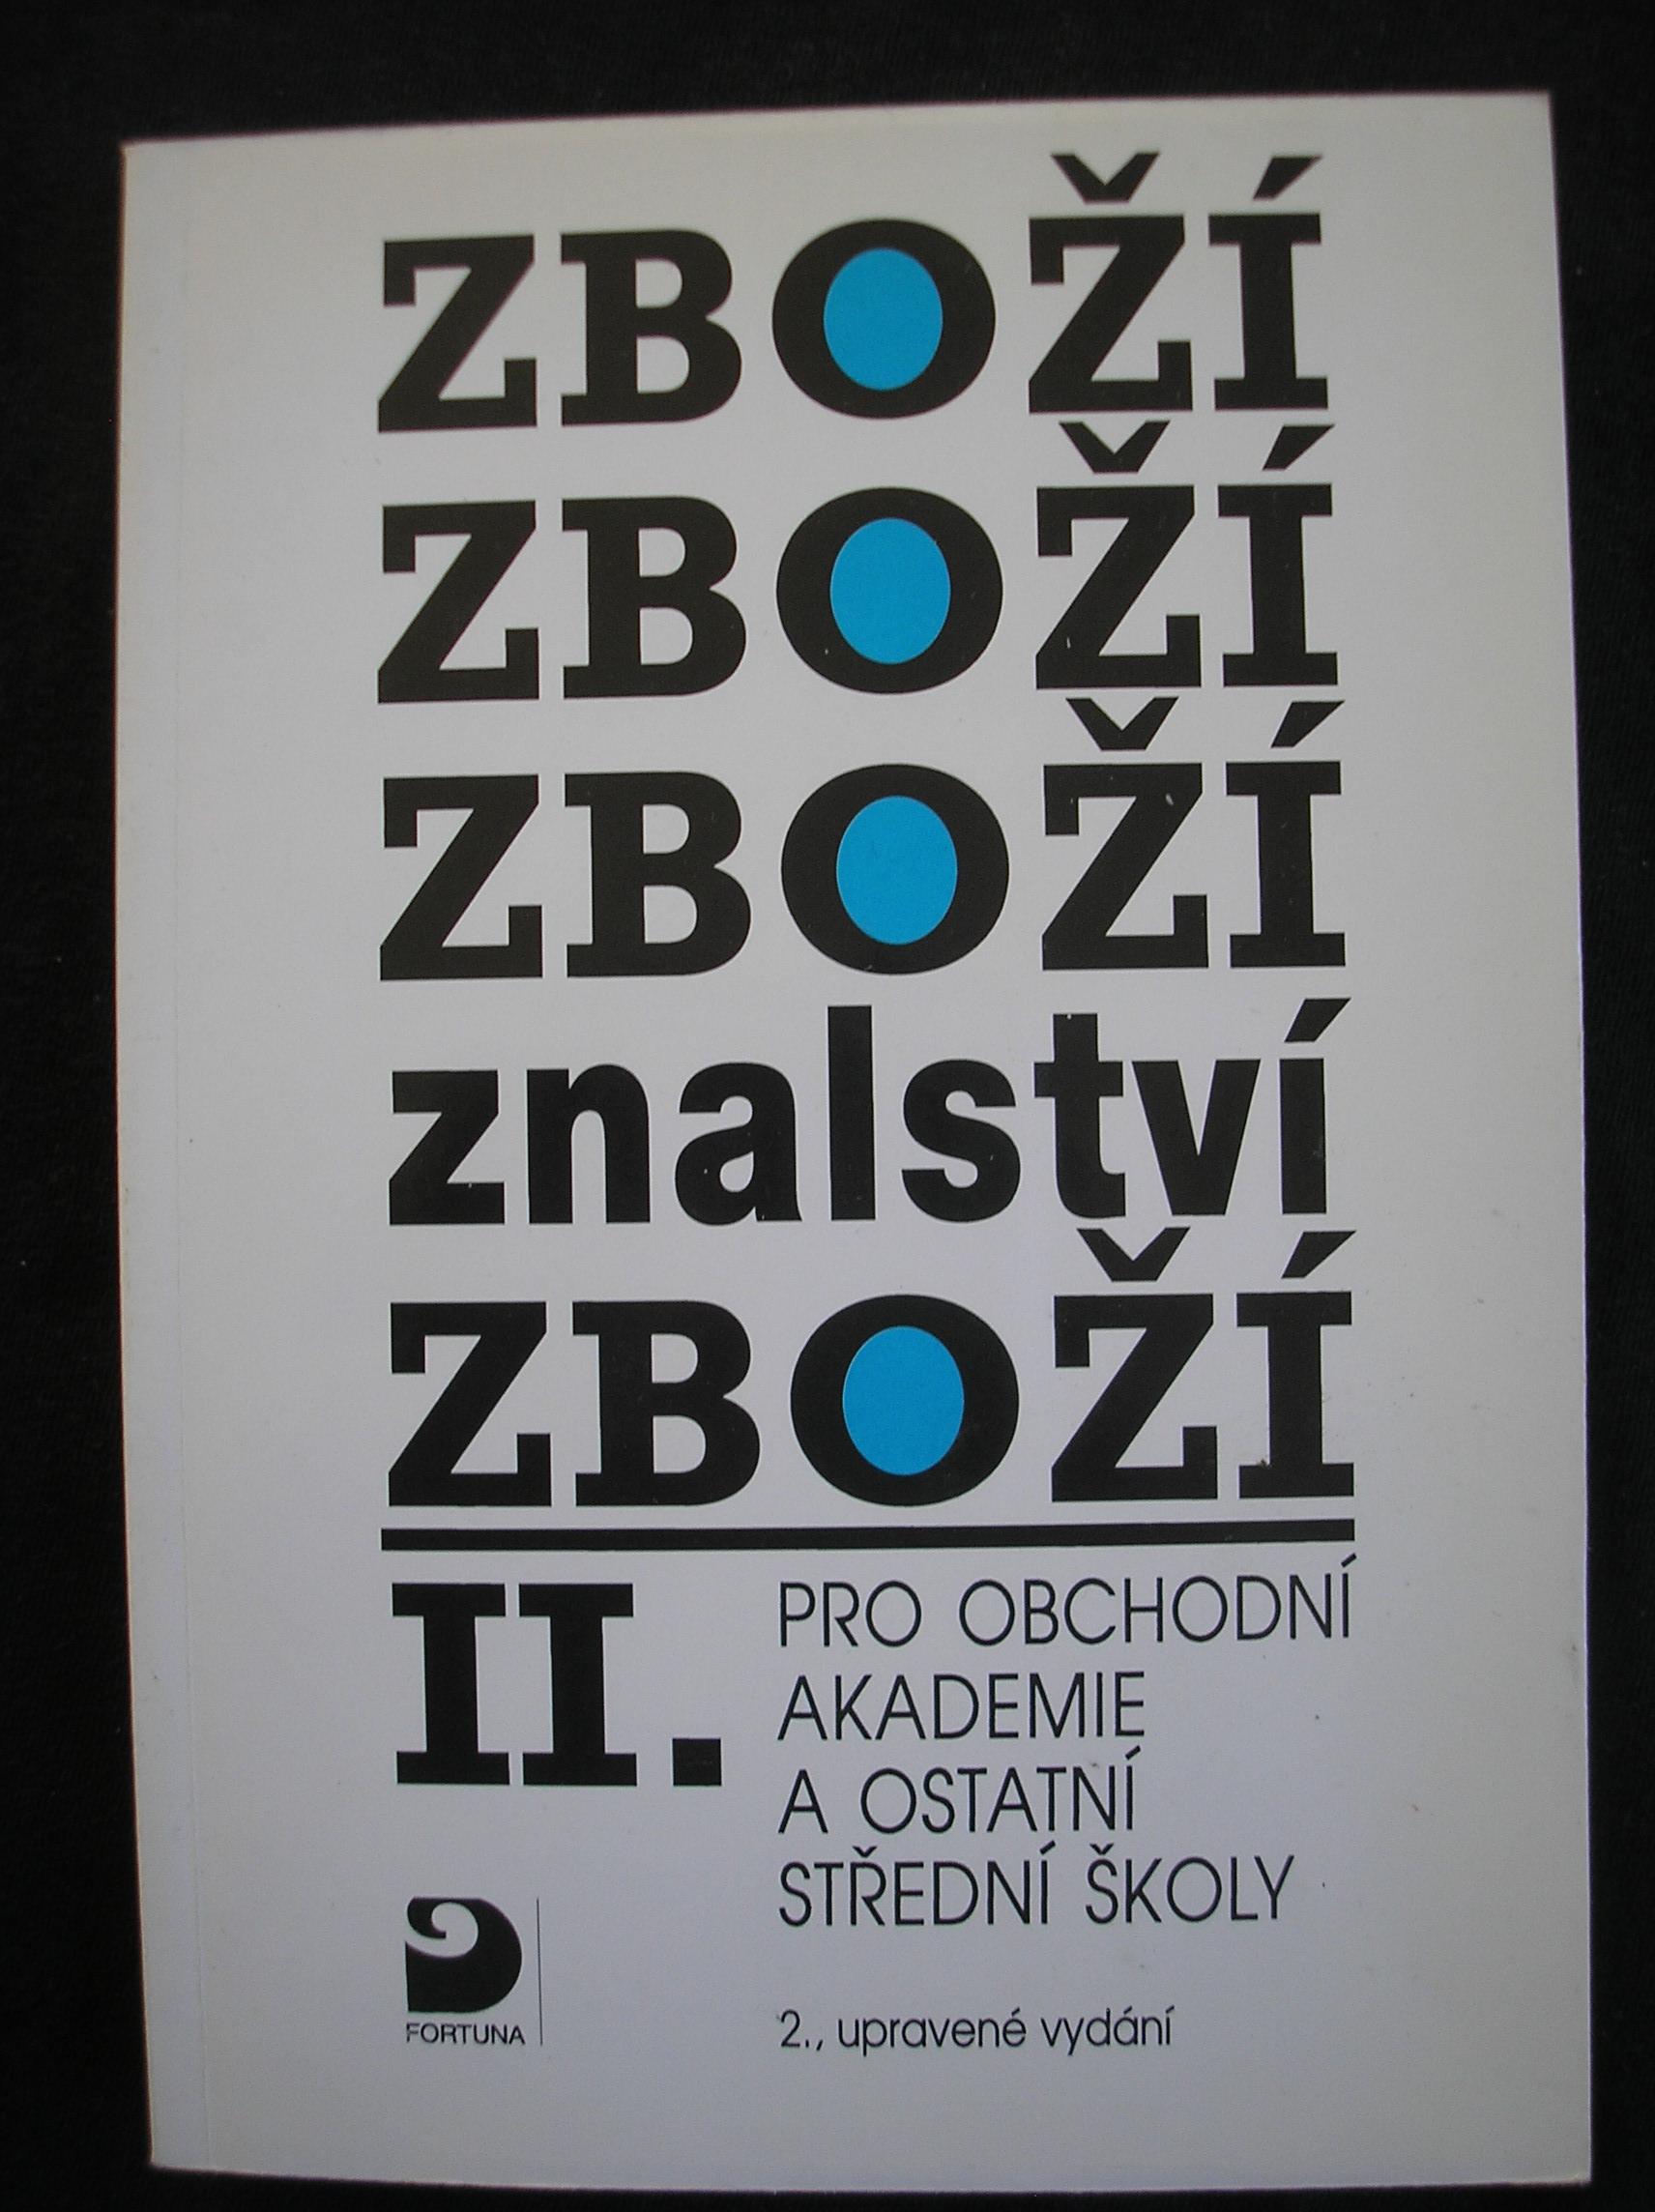 Zboží znalství II. - Karel Cvrček a kolektiv